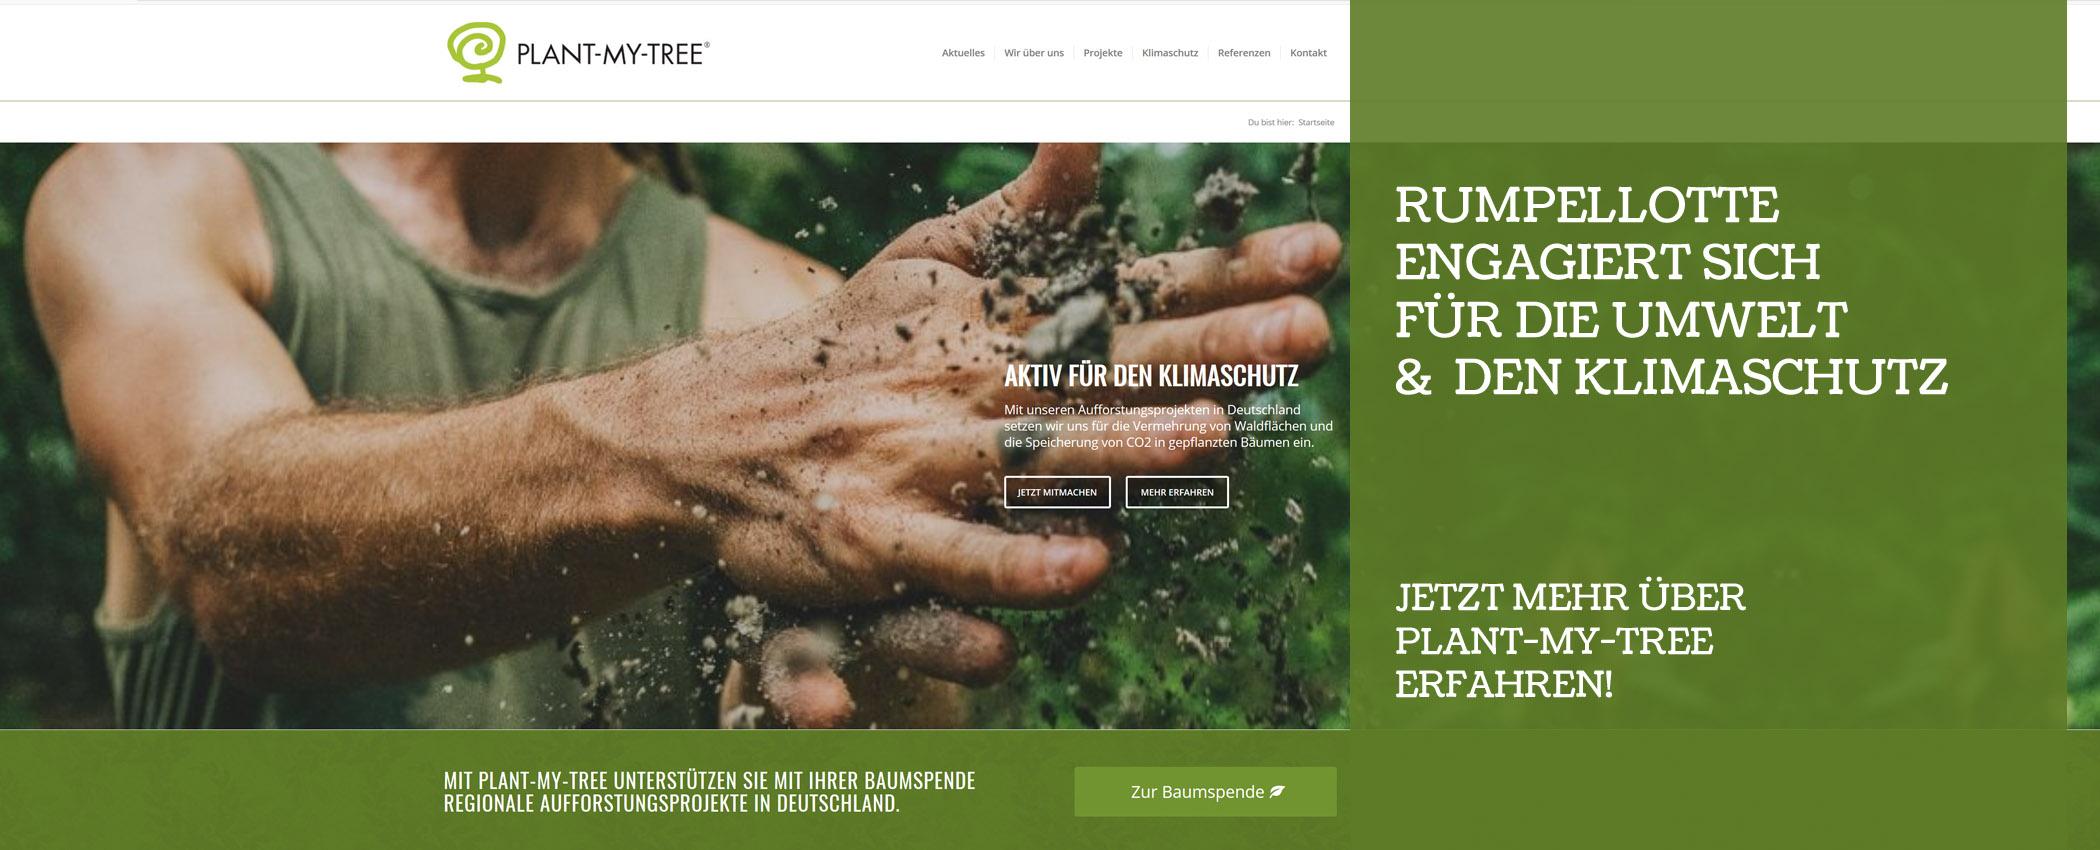 Rumpellotte engagiert sich für die Umwelt und beteiligt sich an Plant-My-Tree